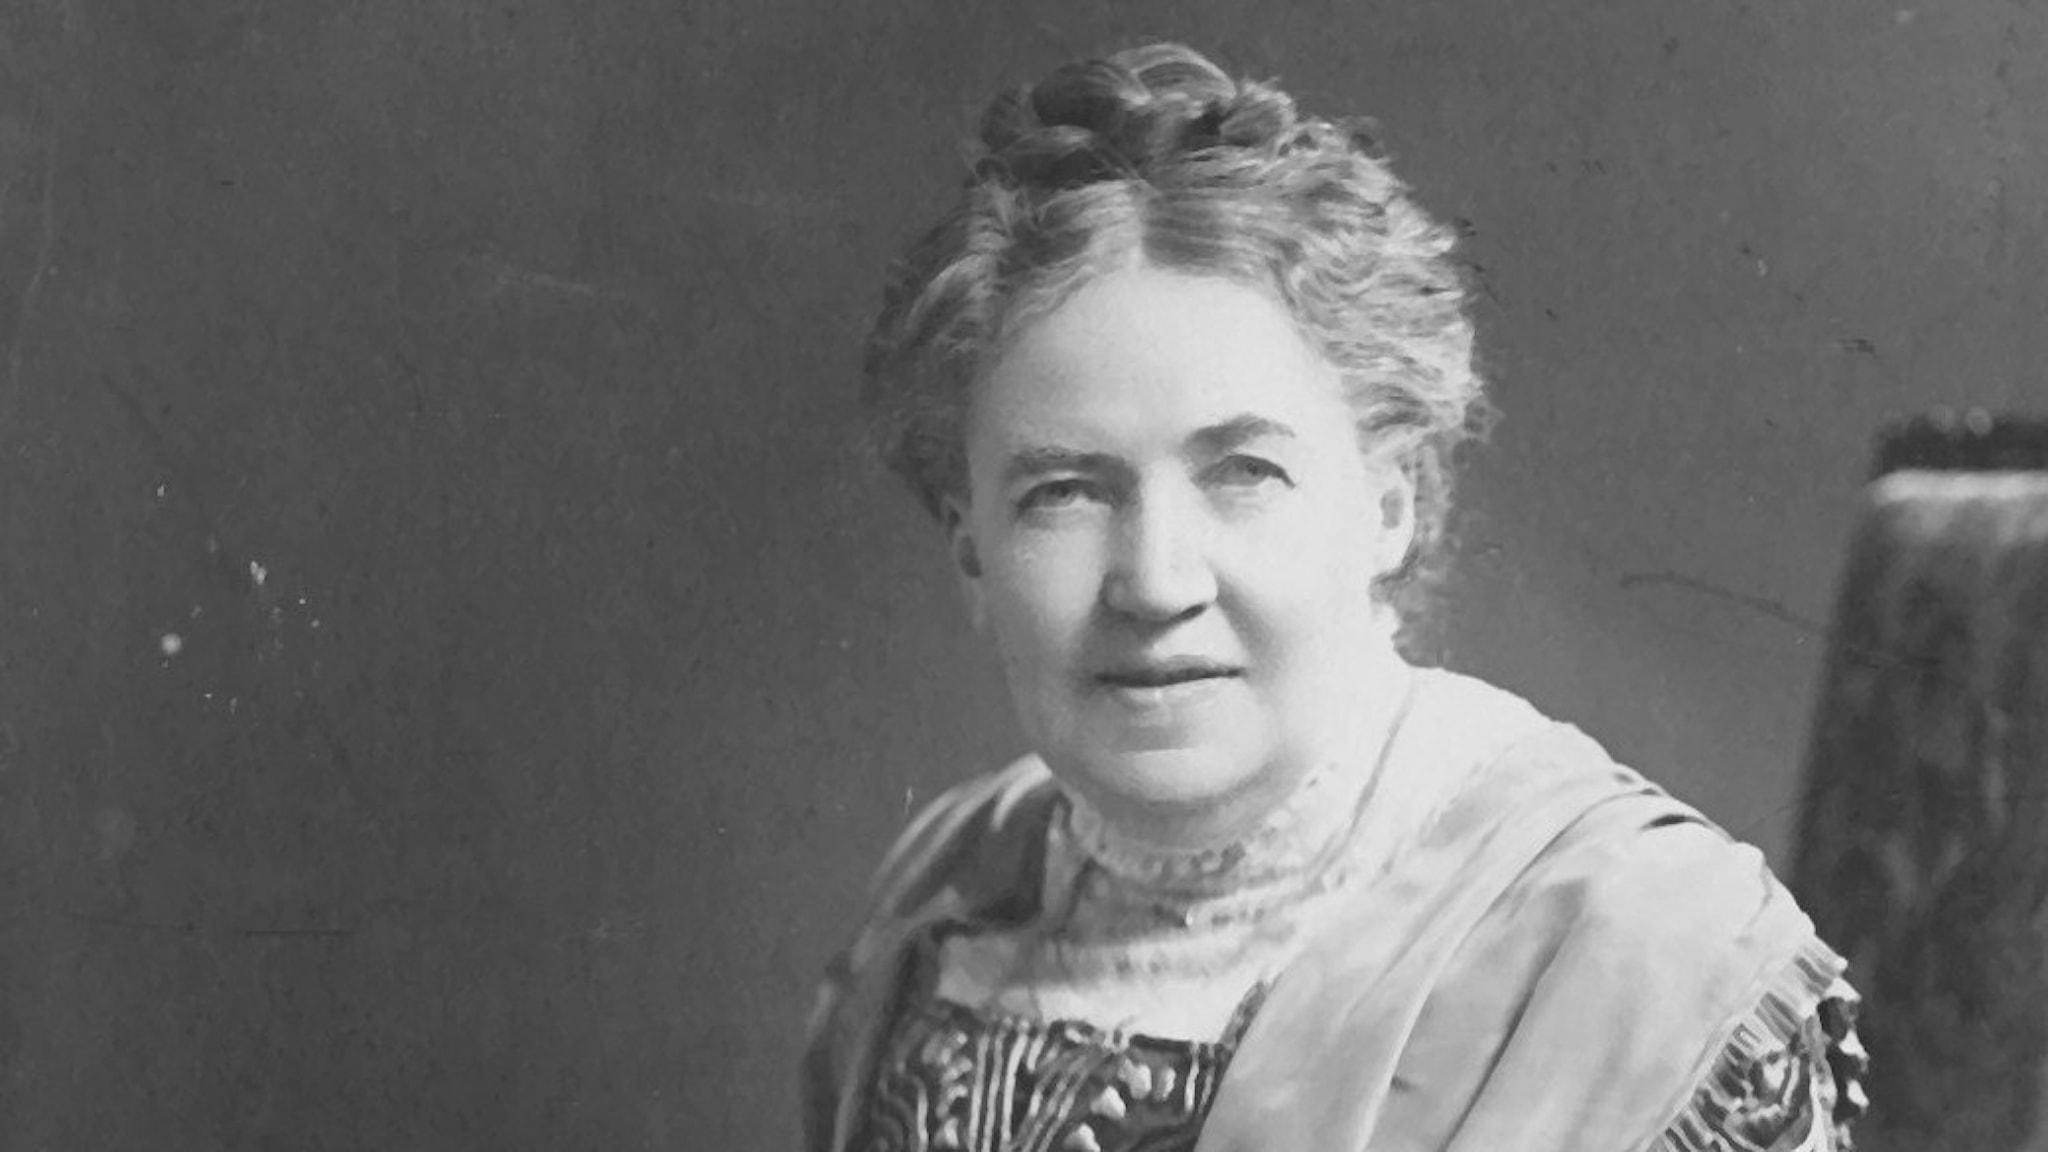 Det sista porträttet som togs av Sofia Gumaelius 1915. Hon var då 74 år gammal.